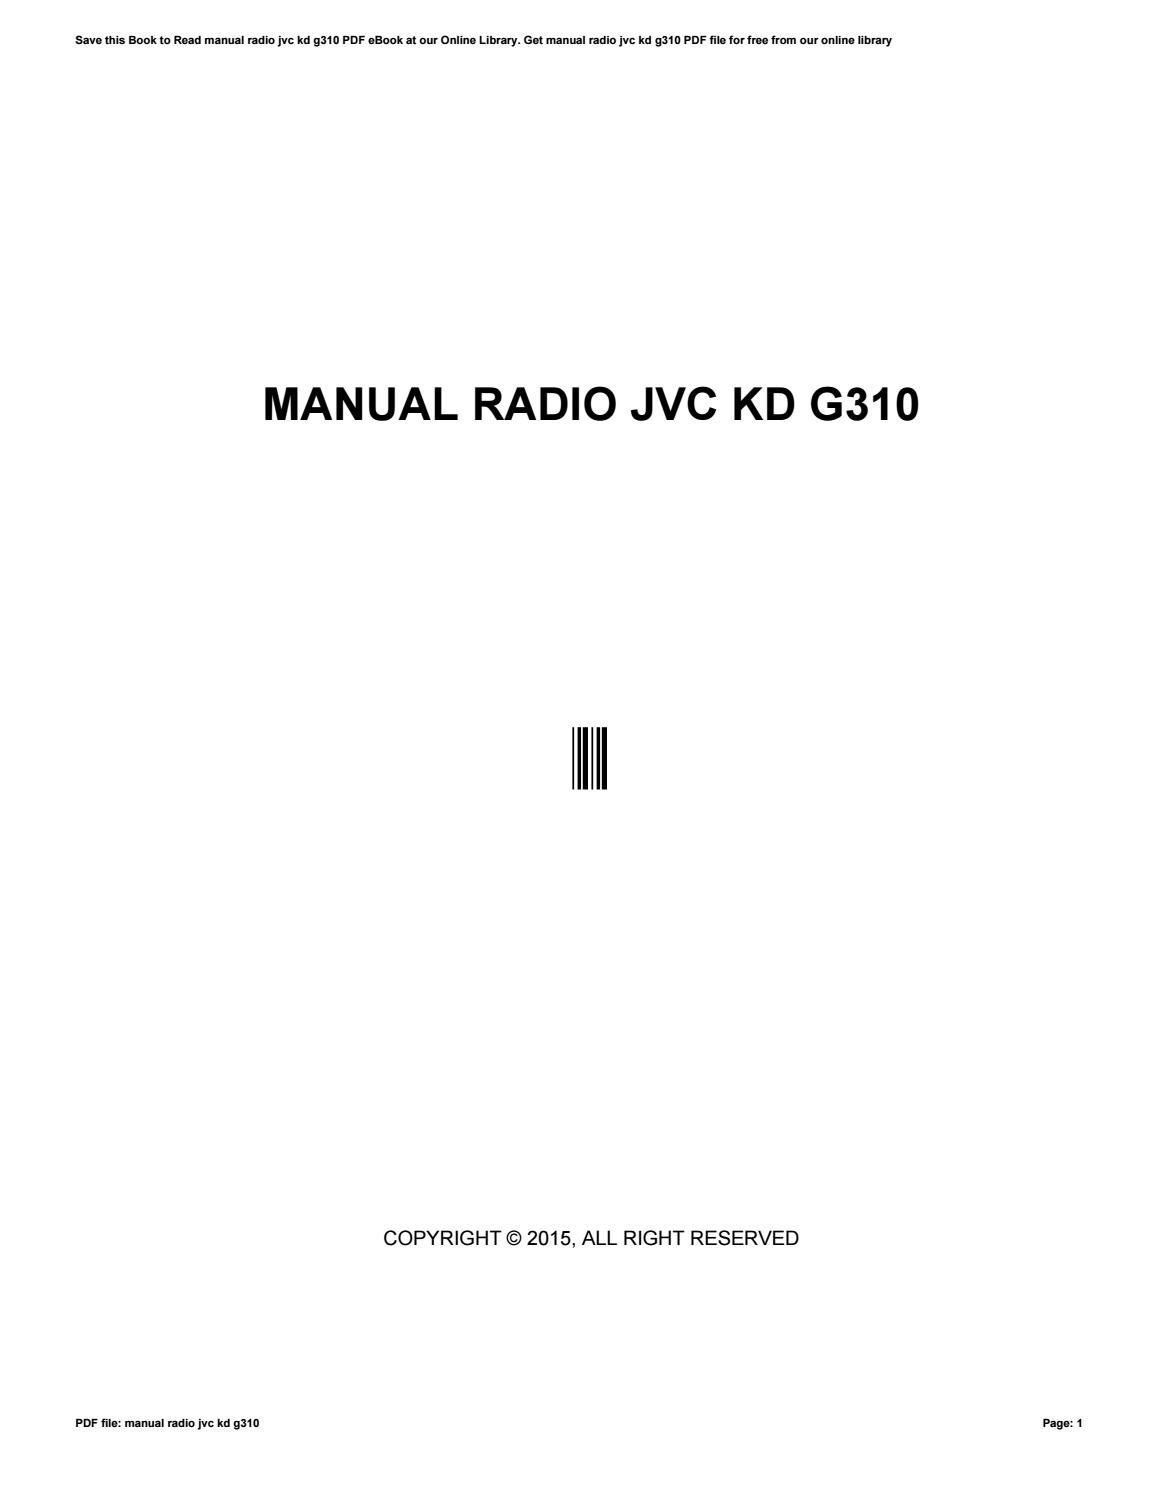 Manual Radio Jvc Kd G310 Ebook G420 Wiring Diagram Array By Cetpass3 Issuu Rh